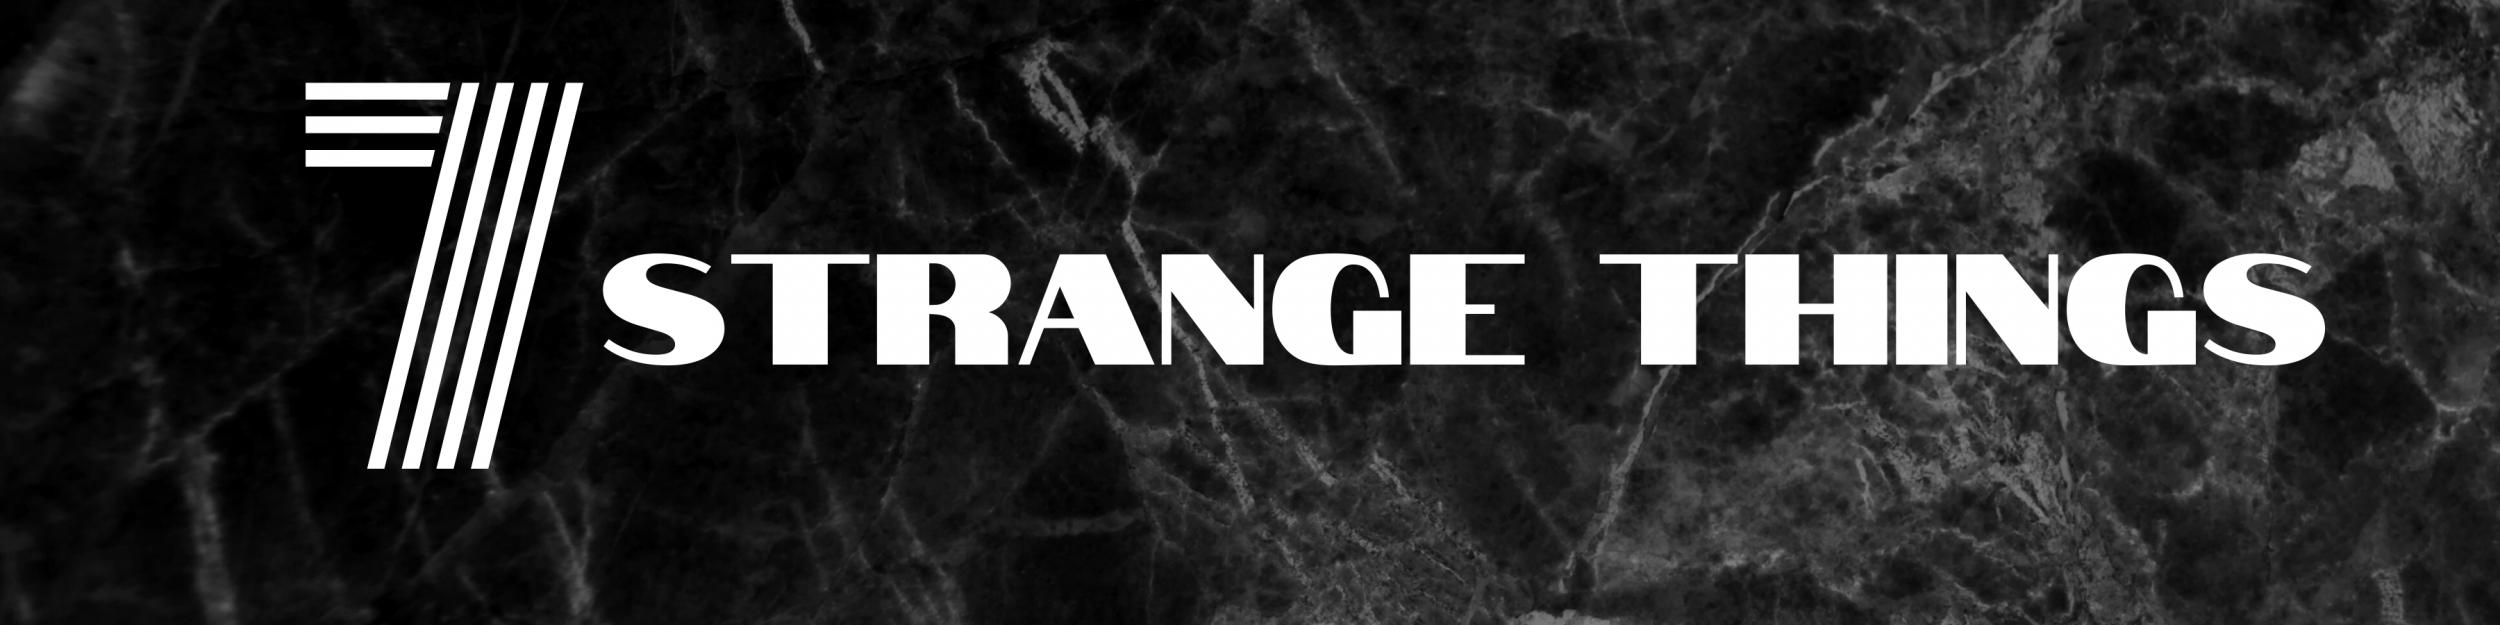 7 Strange Things